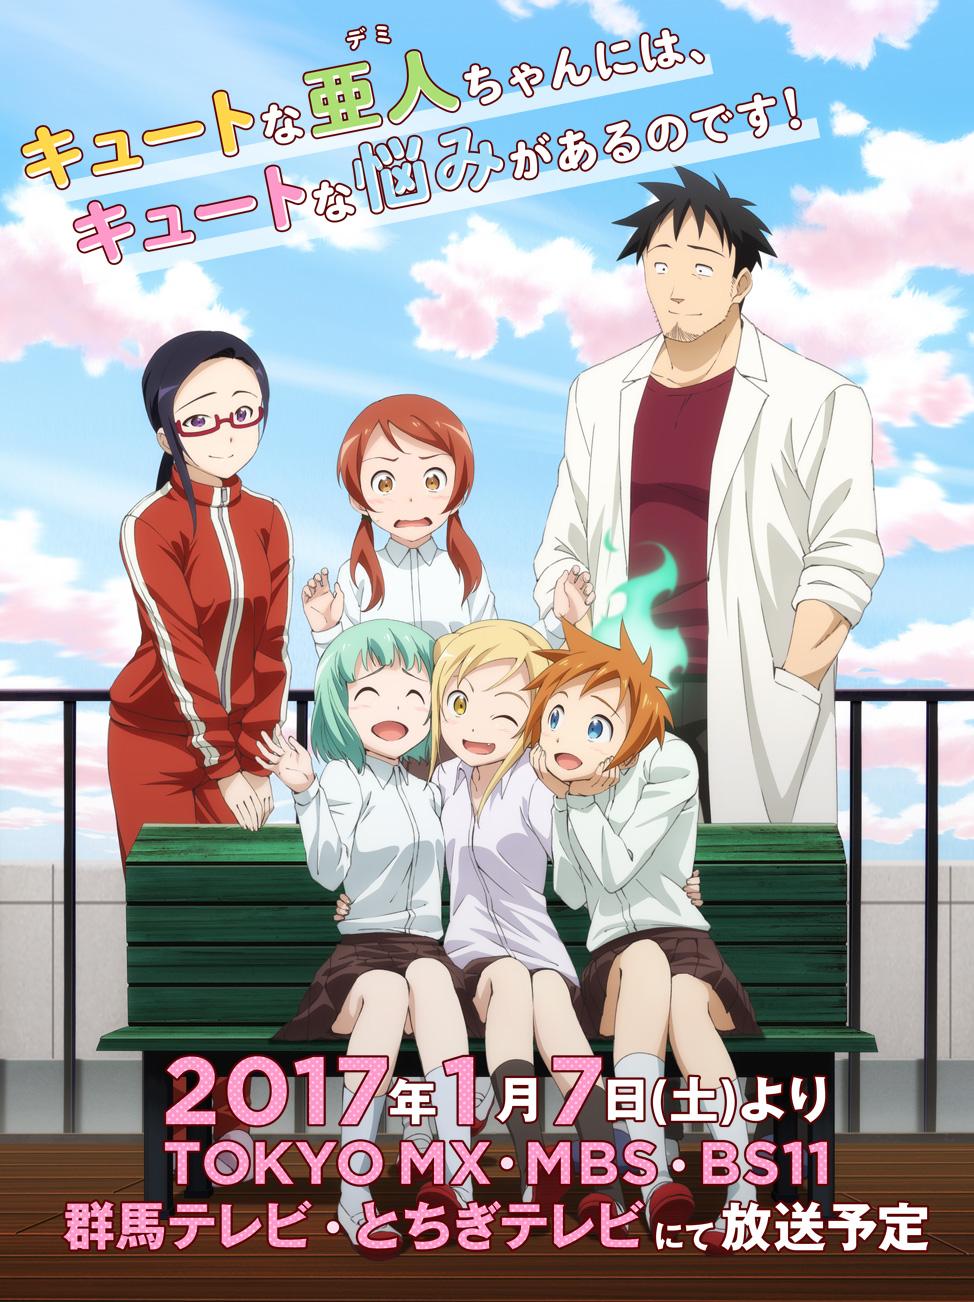 161202(1) -「本渡楓」主演吸血鬼娘!動畫版《亞人醬有話要說》於2017/1/7首播、女主角5人聲優發表!